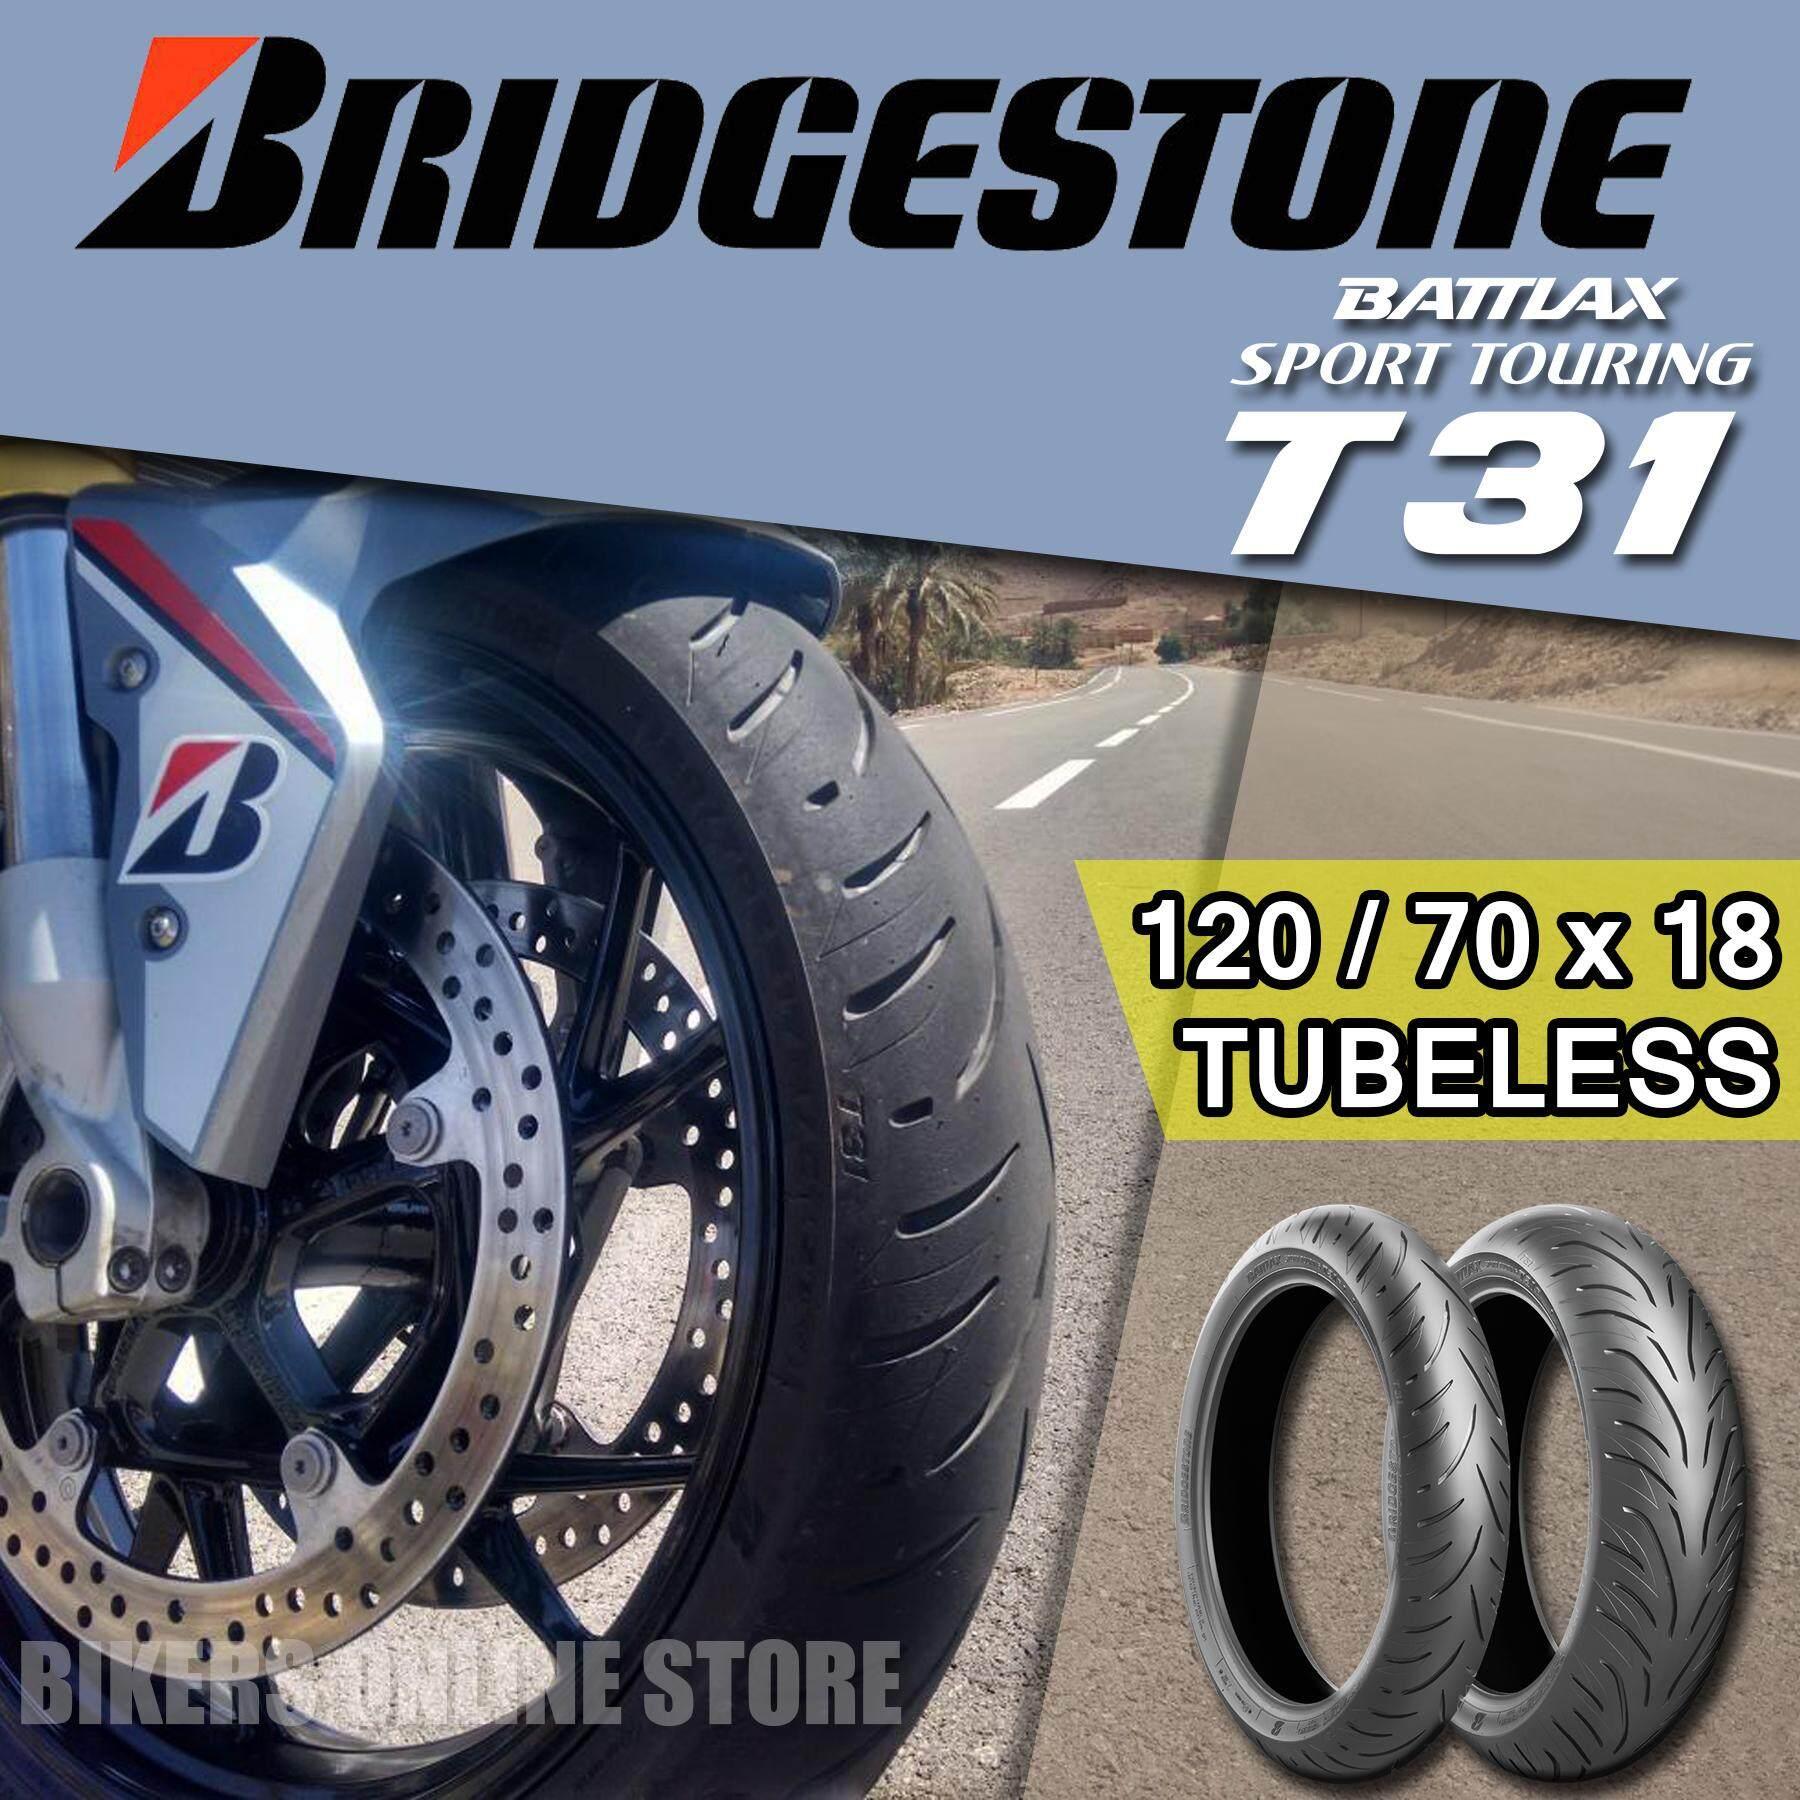 Bridgestone Battlax Sport Touring T31 120/70x18